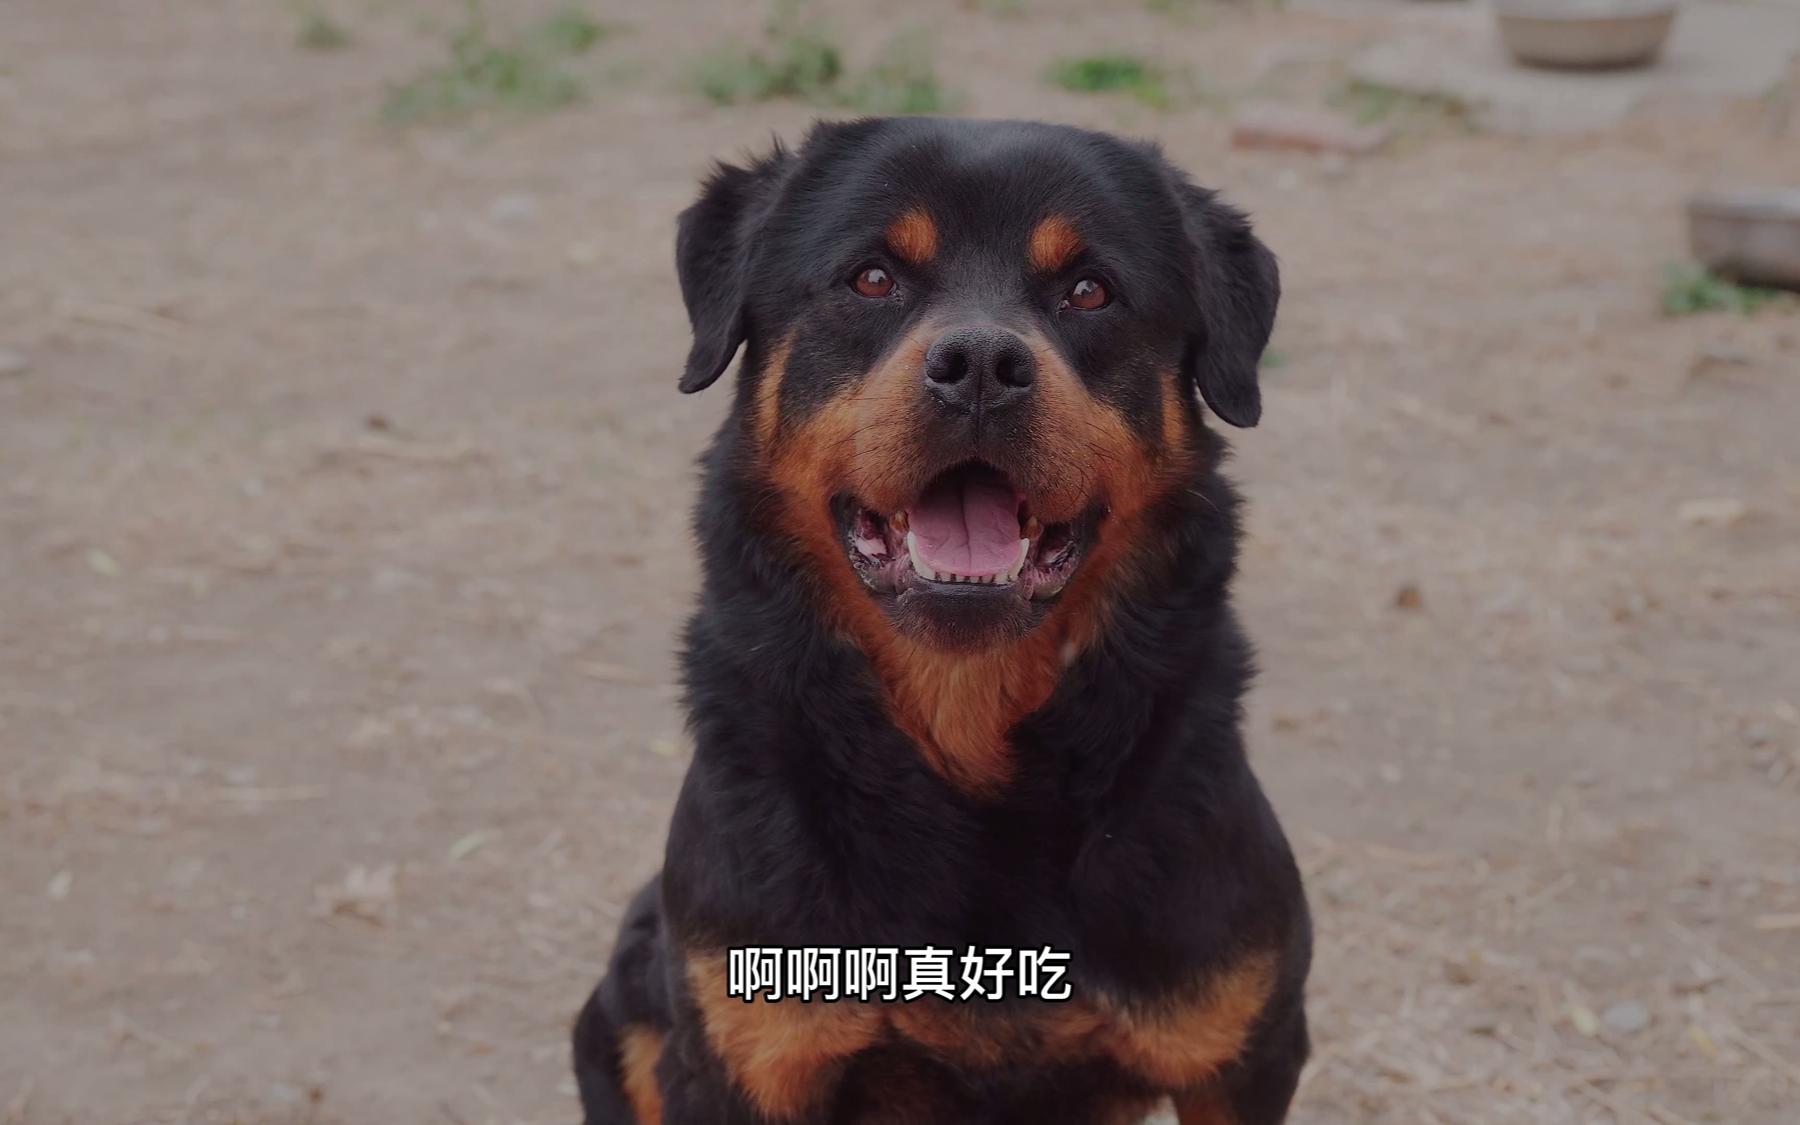 再见了太郎和涛涛,祝你在新的家庭里快乐成长。